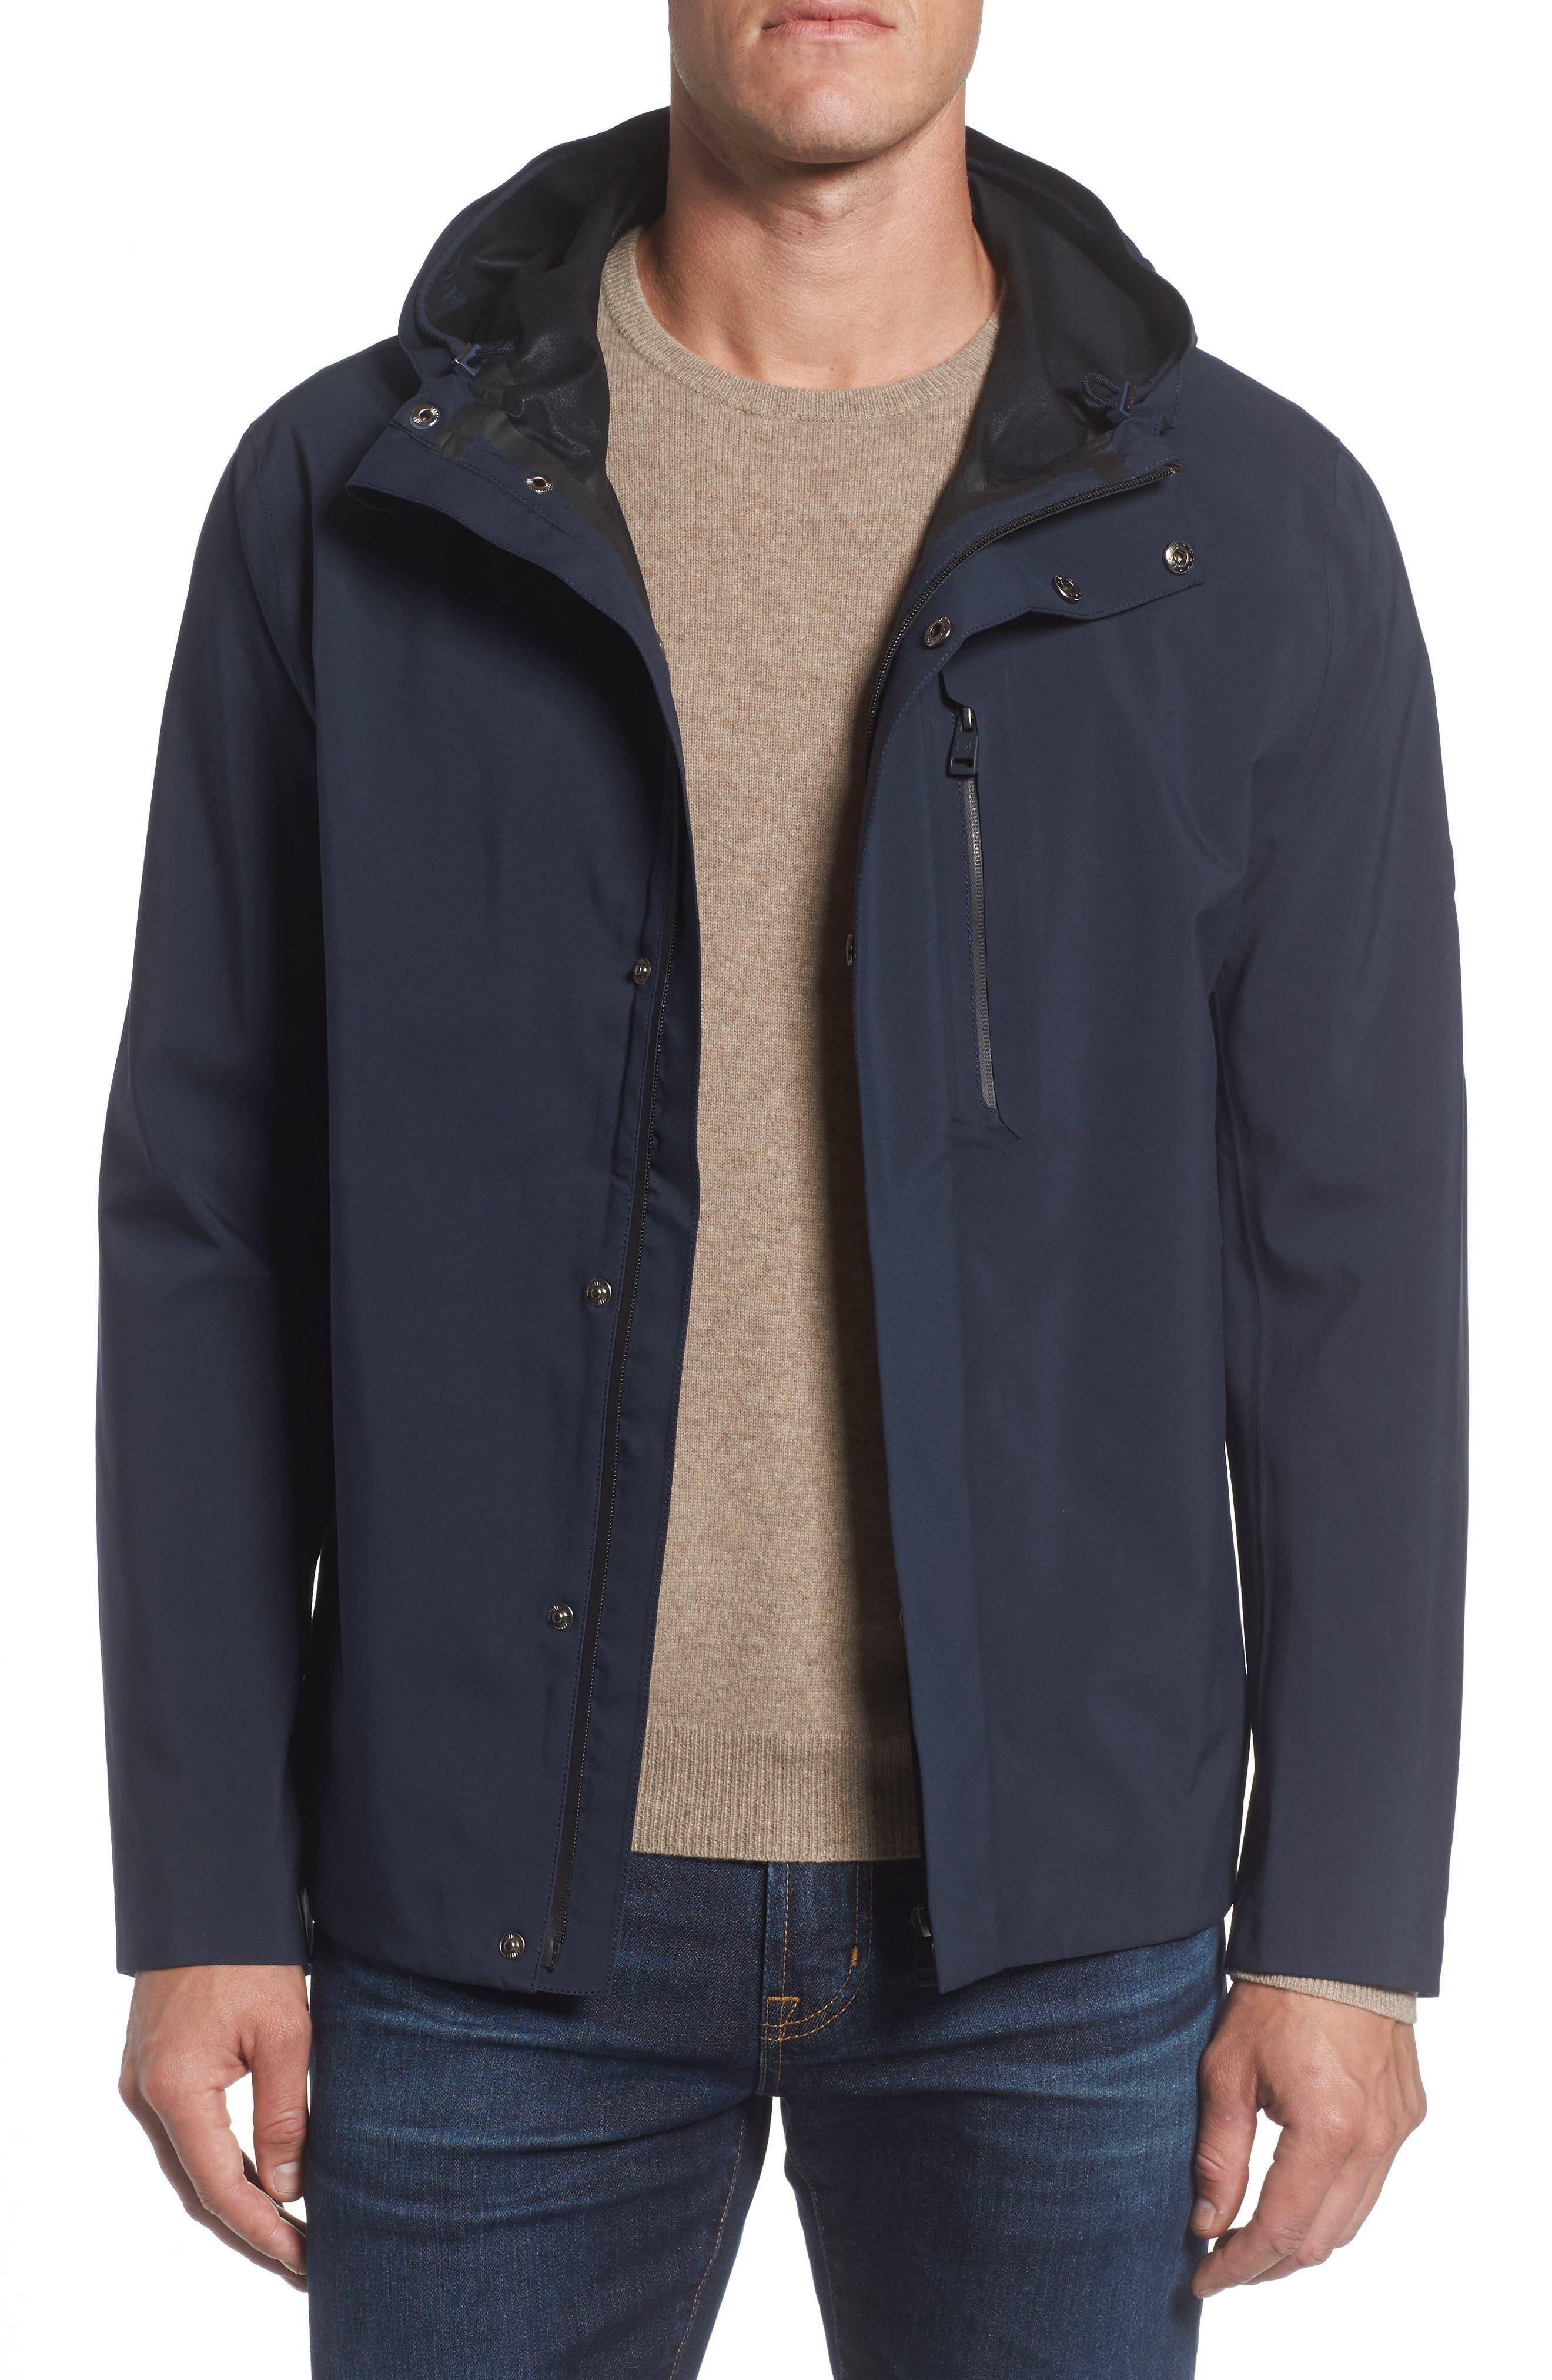 Alternate Image 1 Selected - Marc New York Stratus Waterproof Hooded Rain Jacket